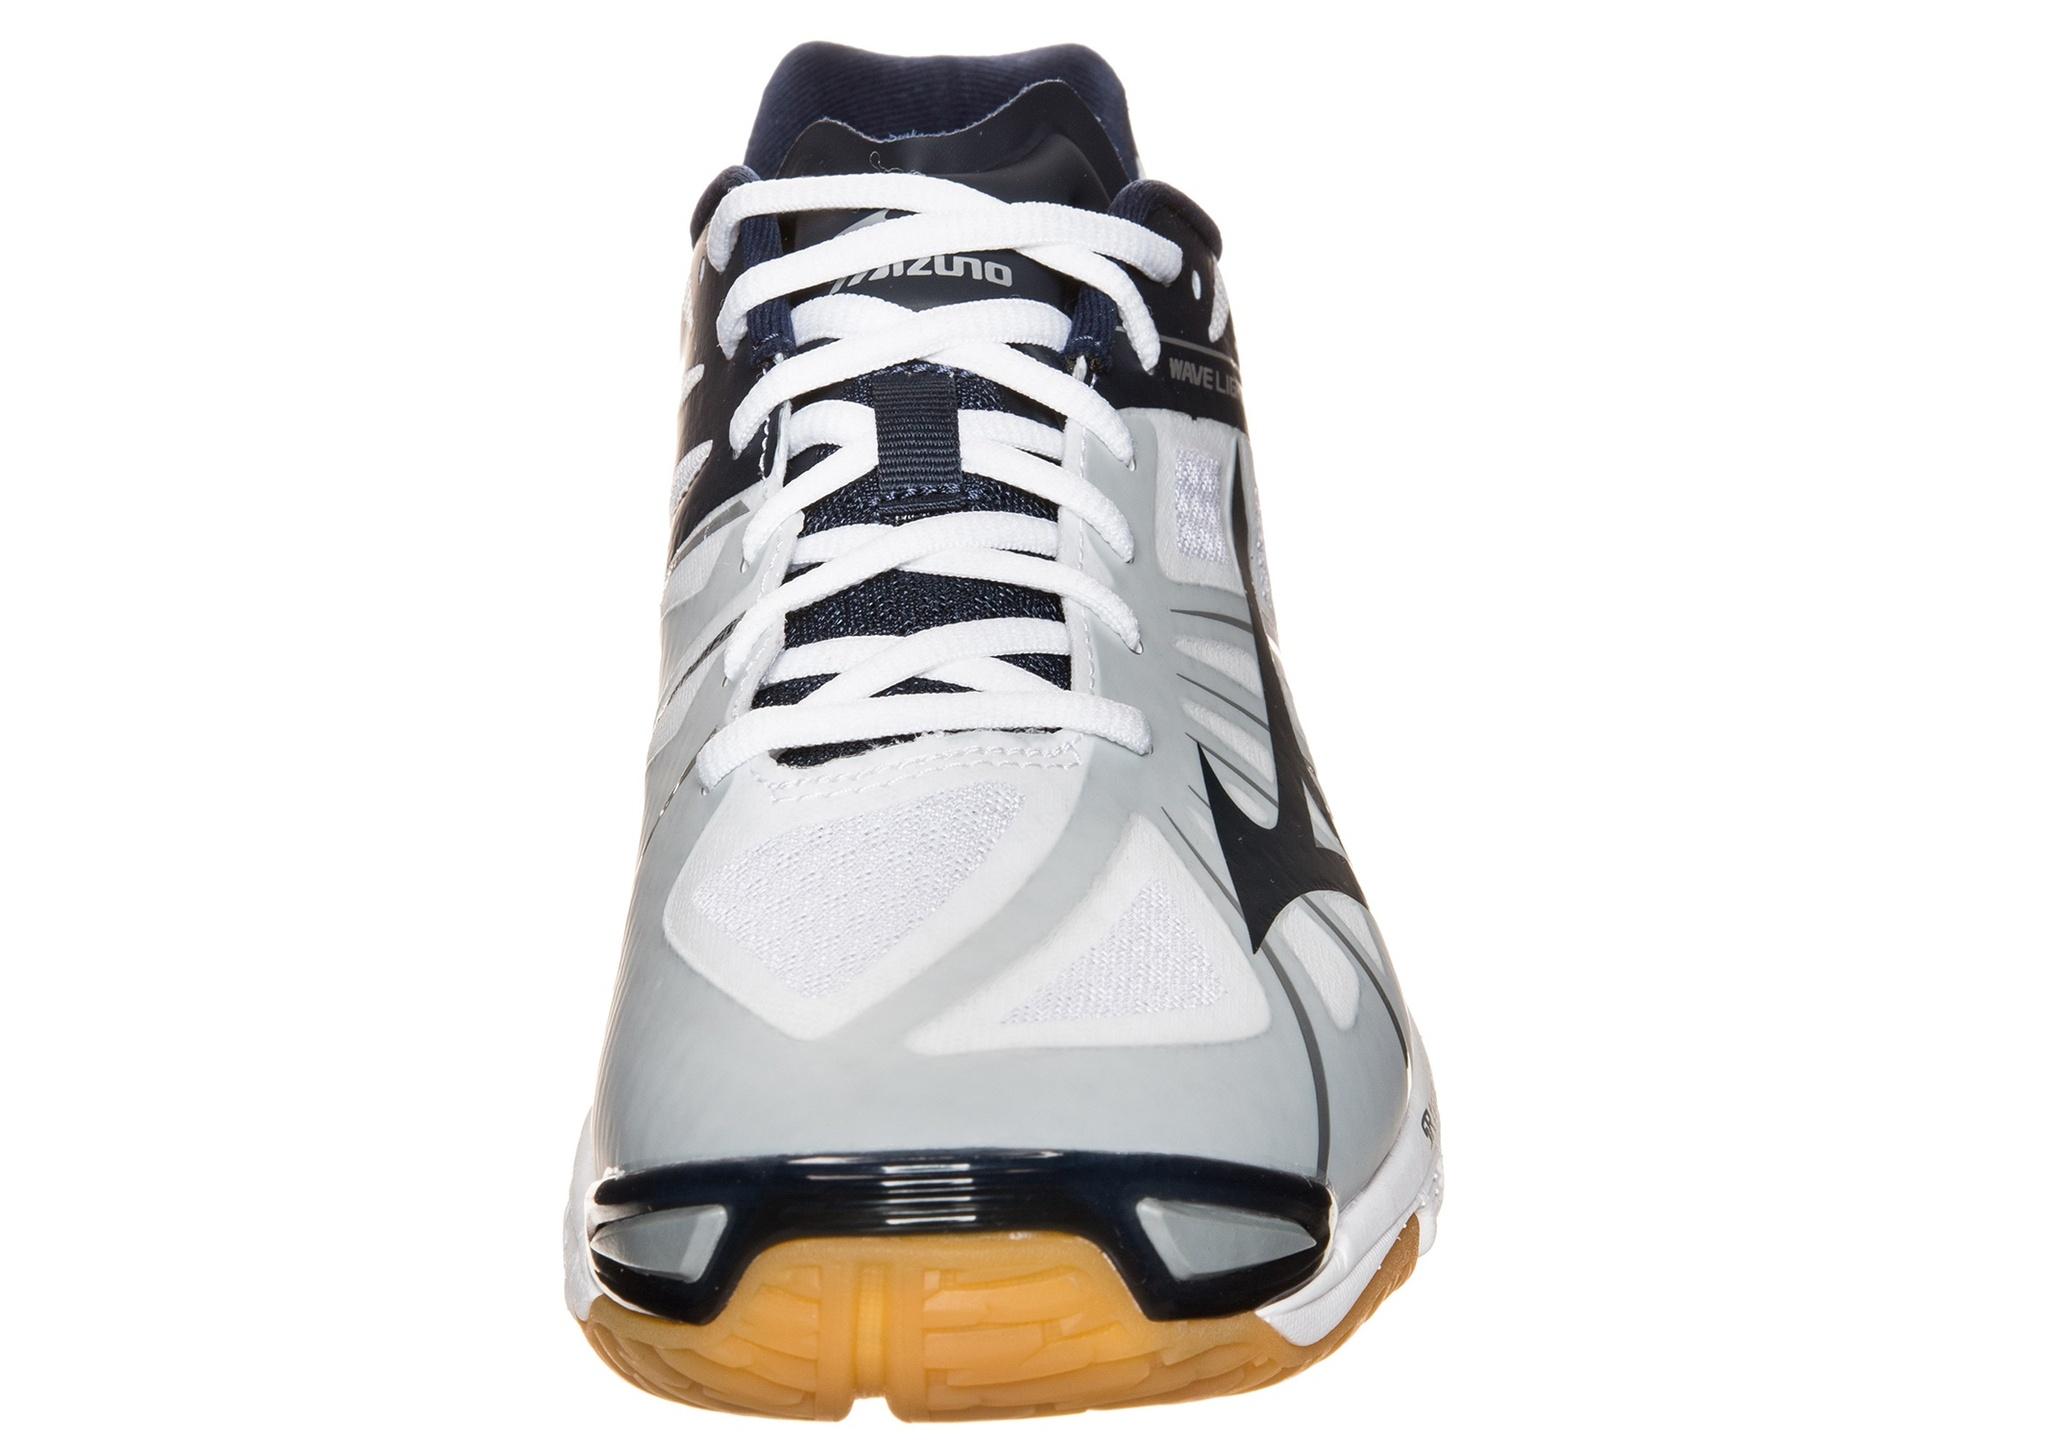 Мужские кроссовки для волейбола Mizuno Wave Lightning Z (V1GA1500 14) белые фото